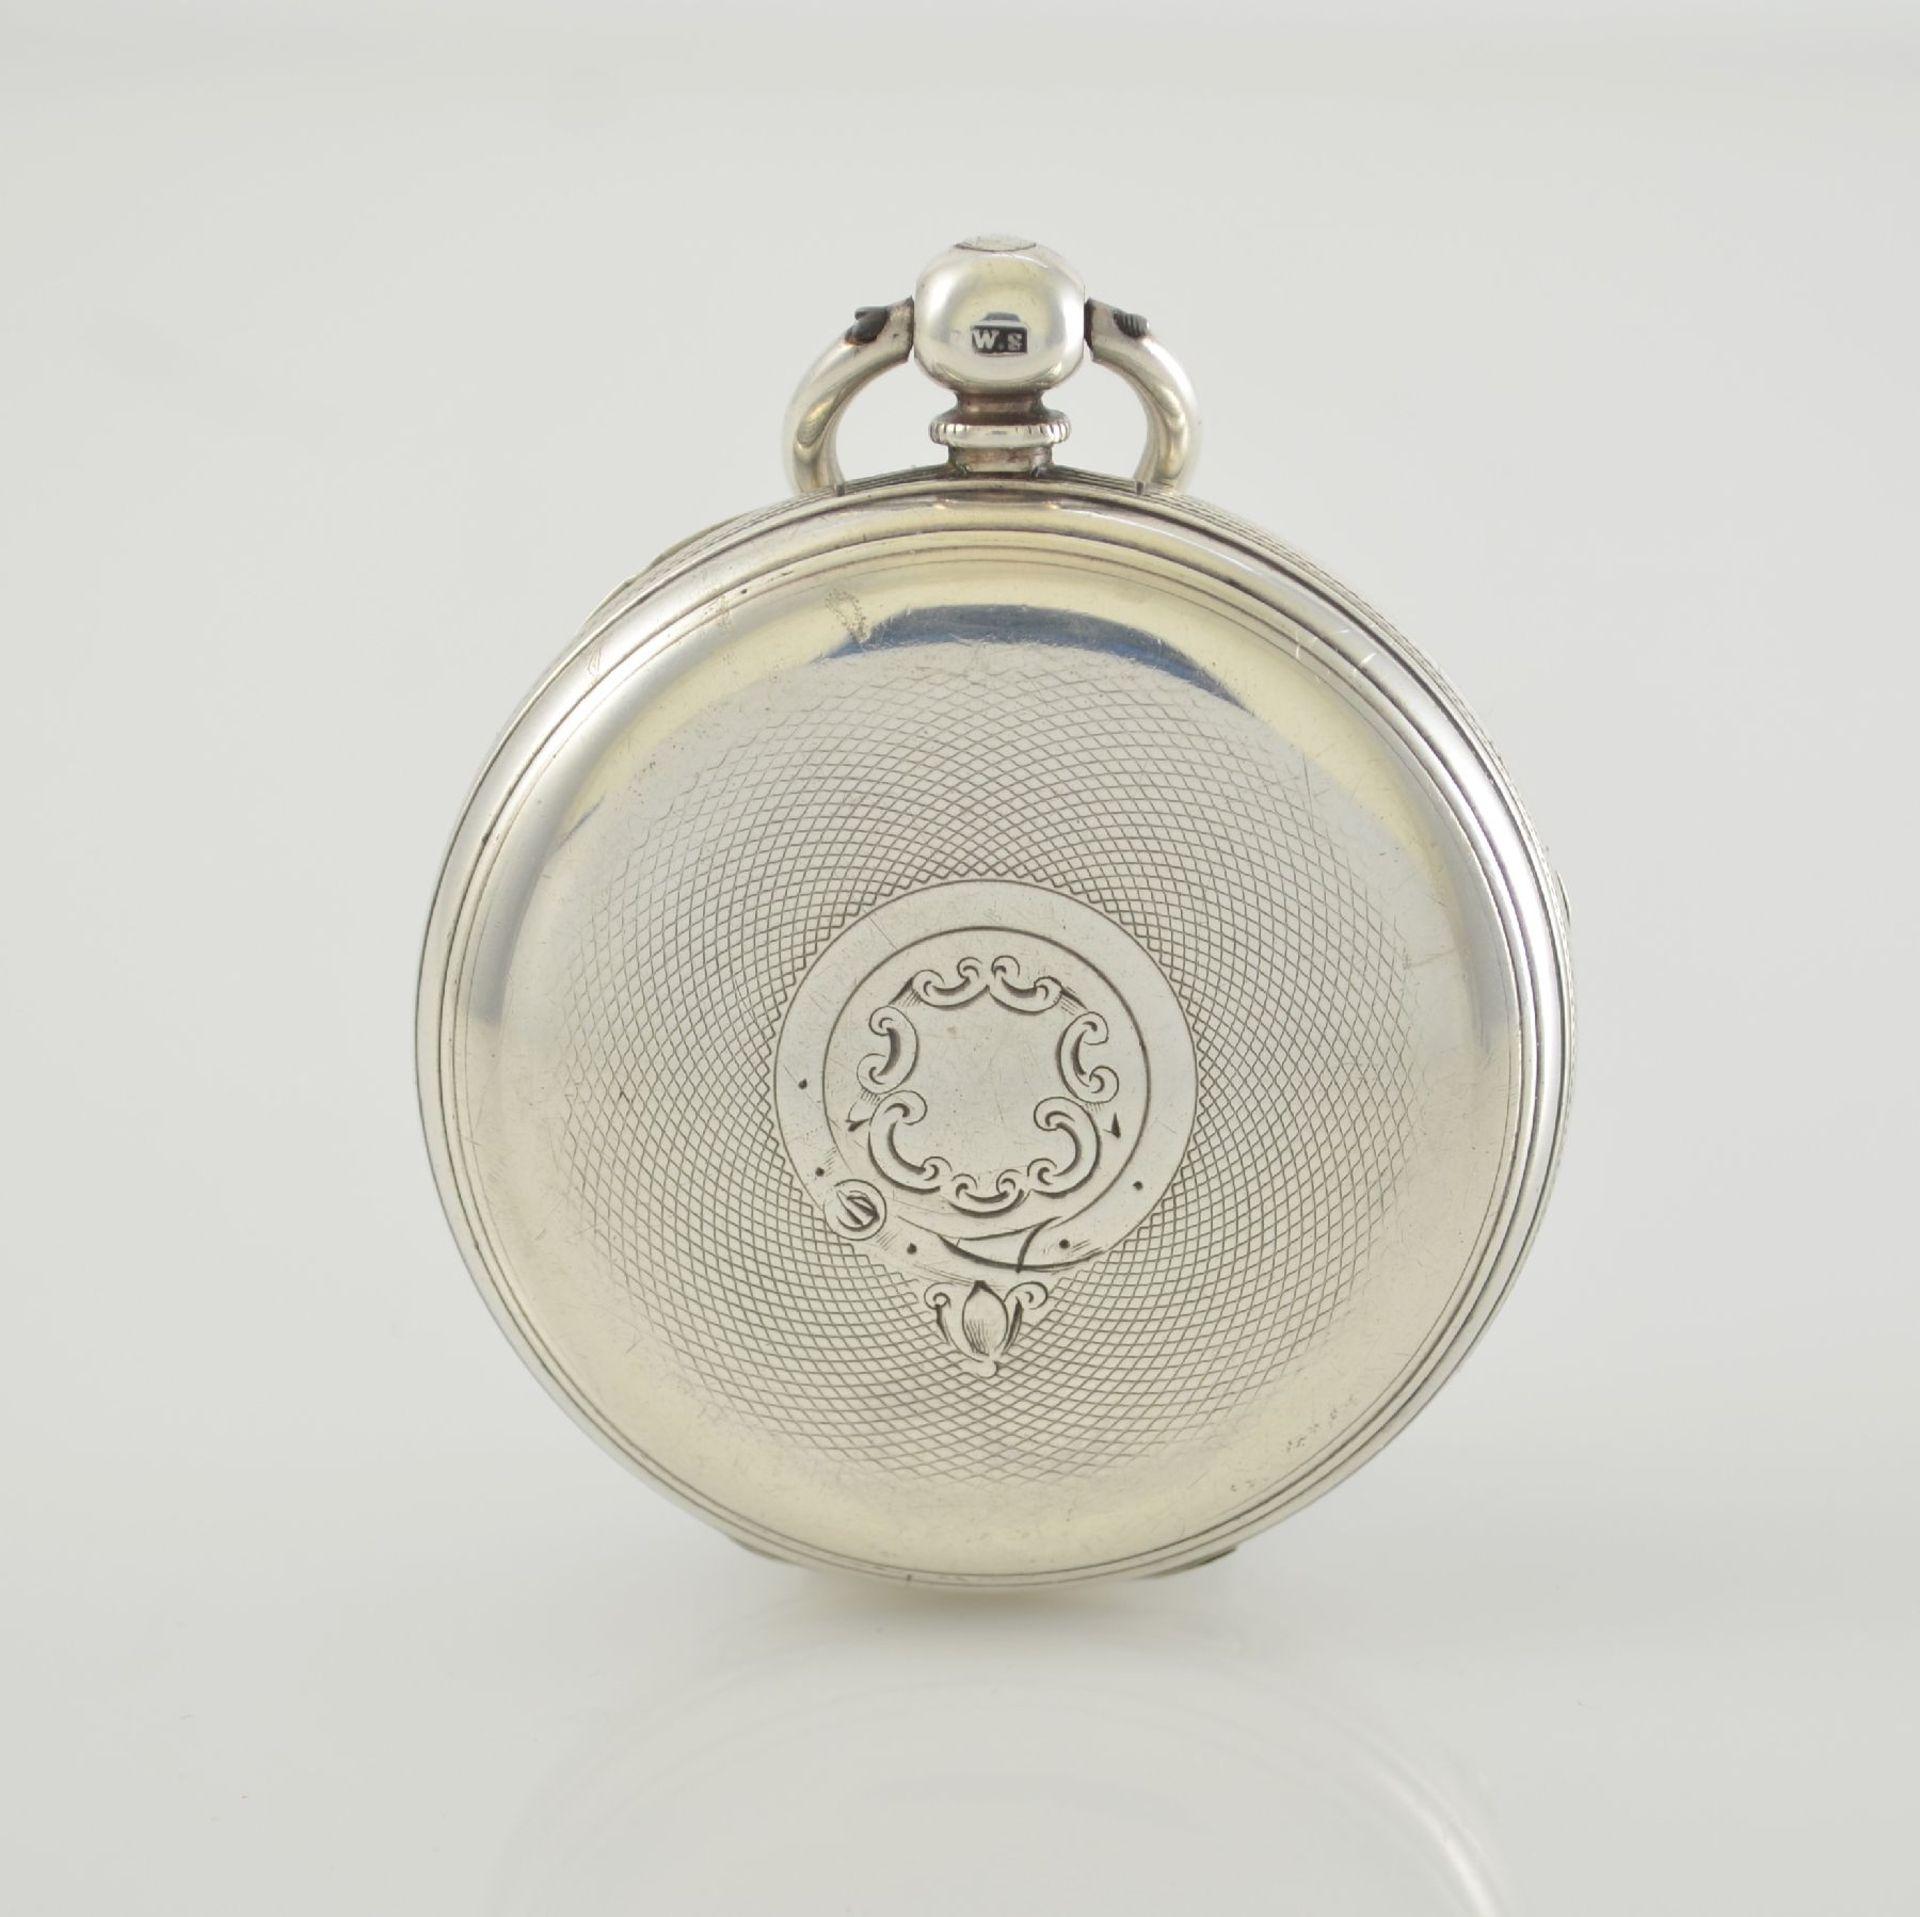 STORY & SEDMAN englische Taschenuhr in Silber, um 1870, 3-teil. Gehäuse innen m. Widmung, - Bild 6 aus 8